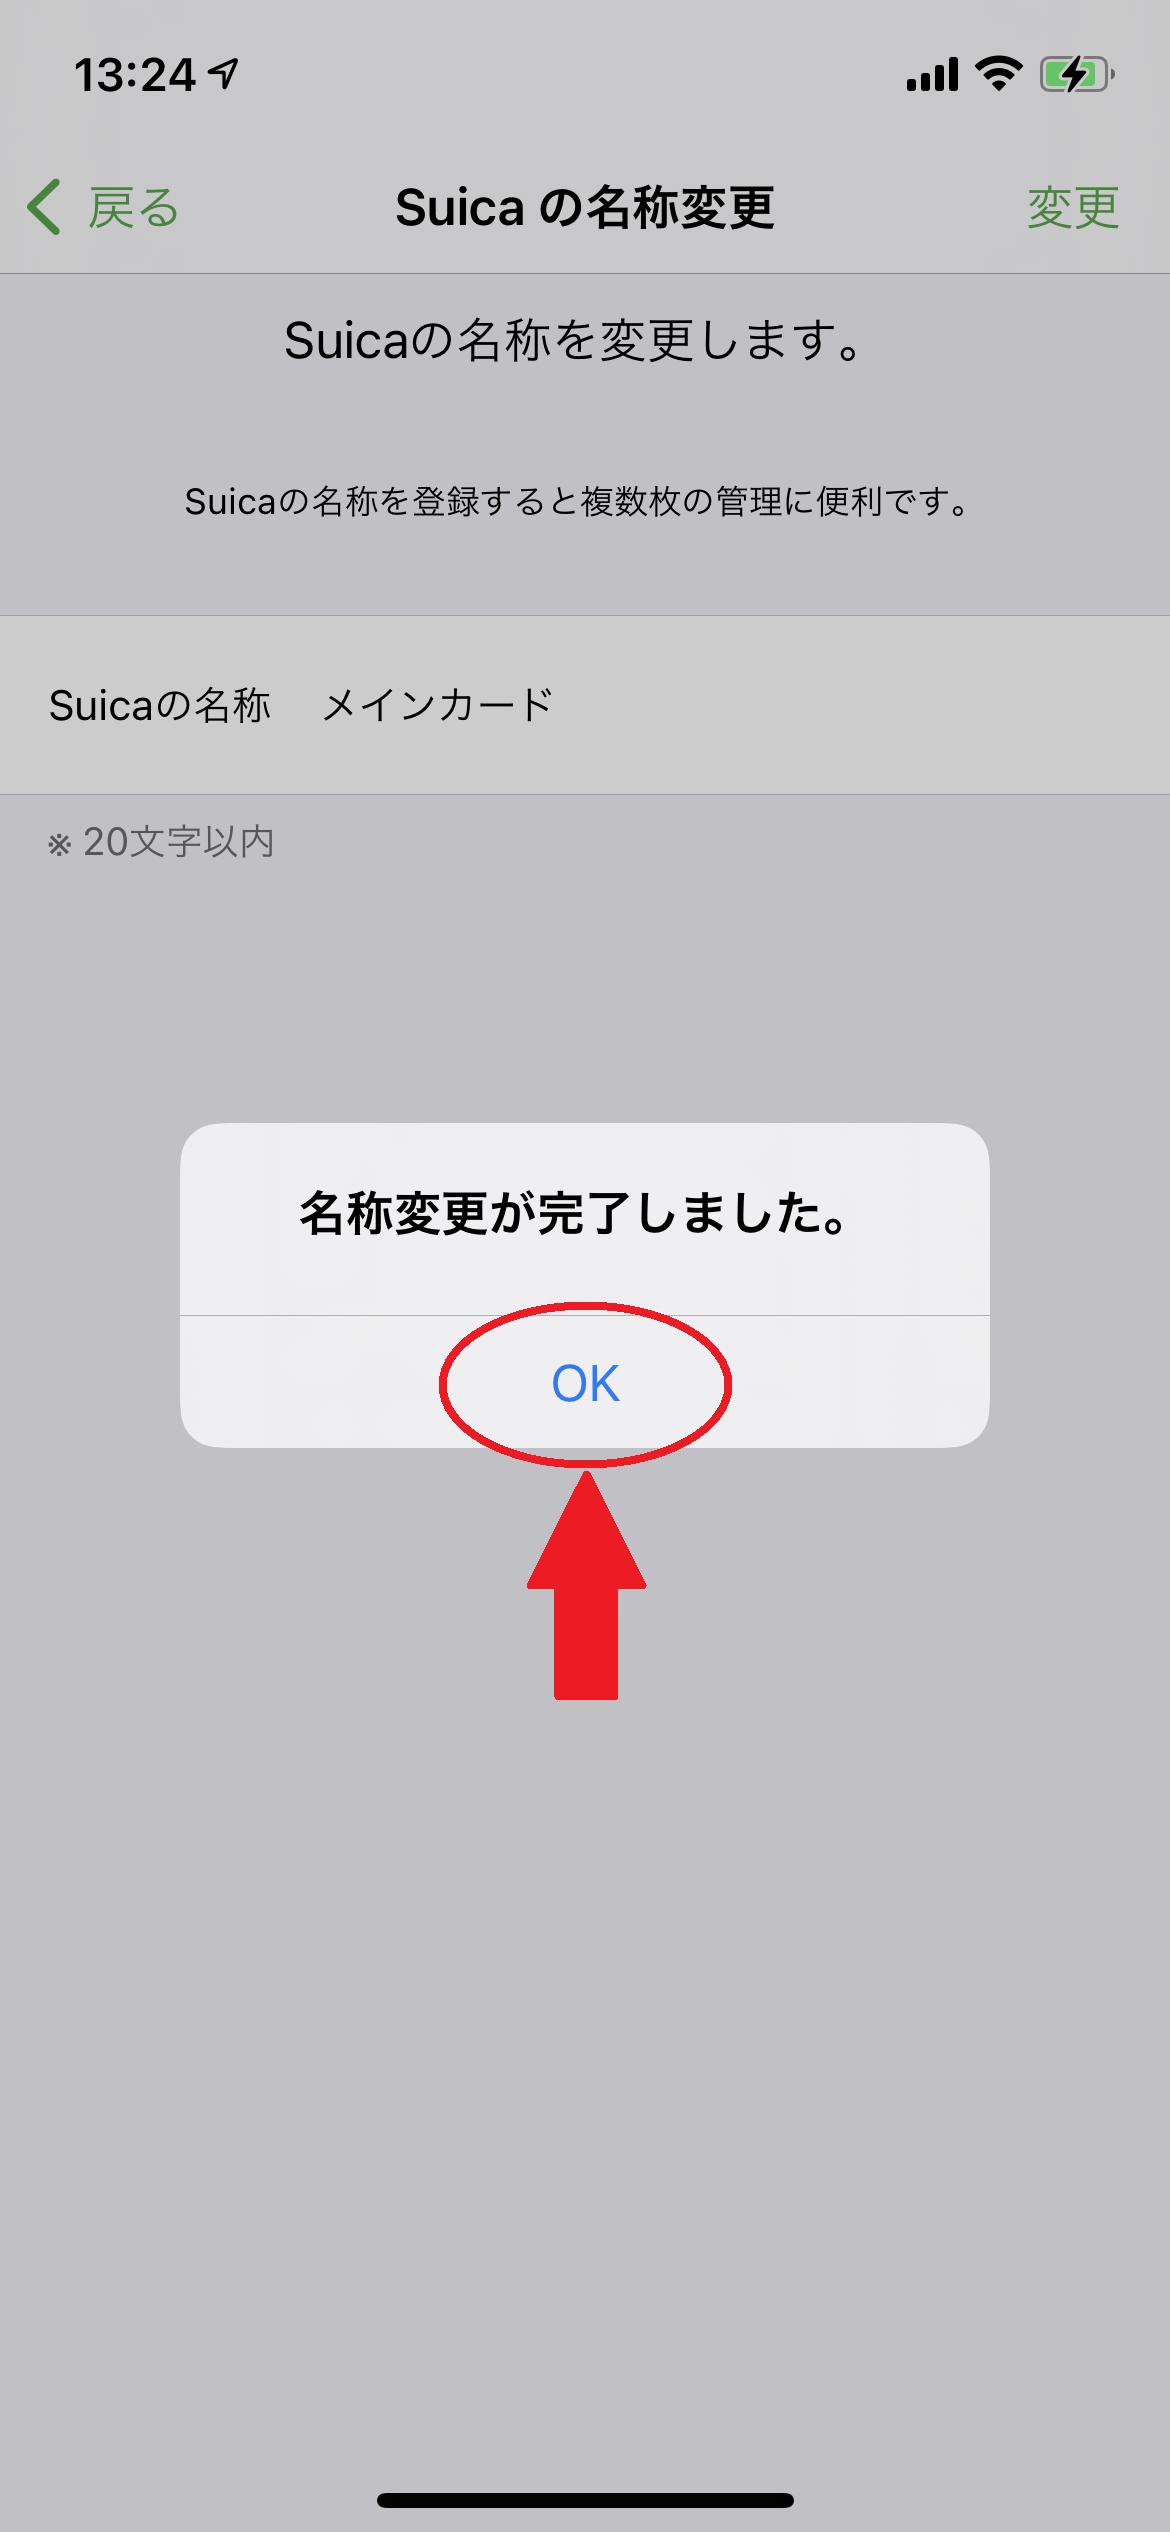 モバイルSuicaの名称変更が完了しました画面